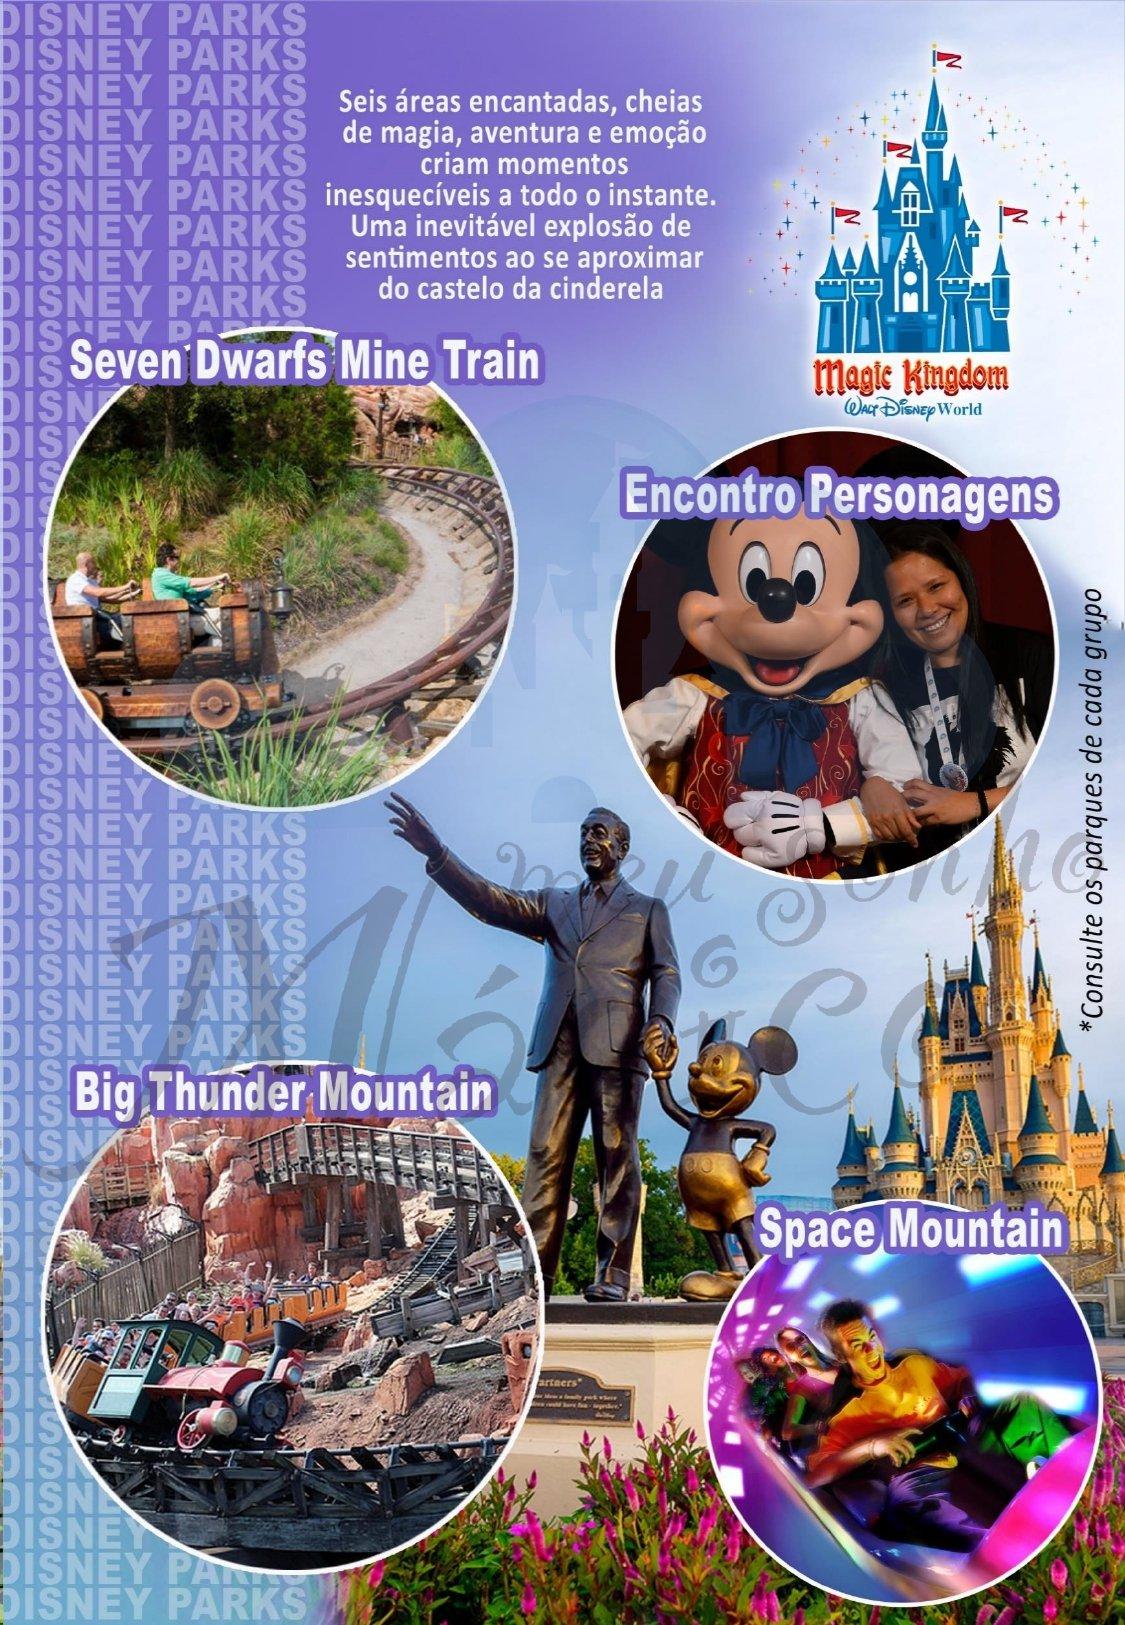 Grupo Family Verão Disney Julho 2021 8